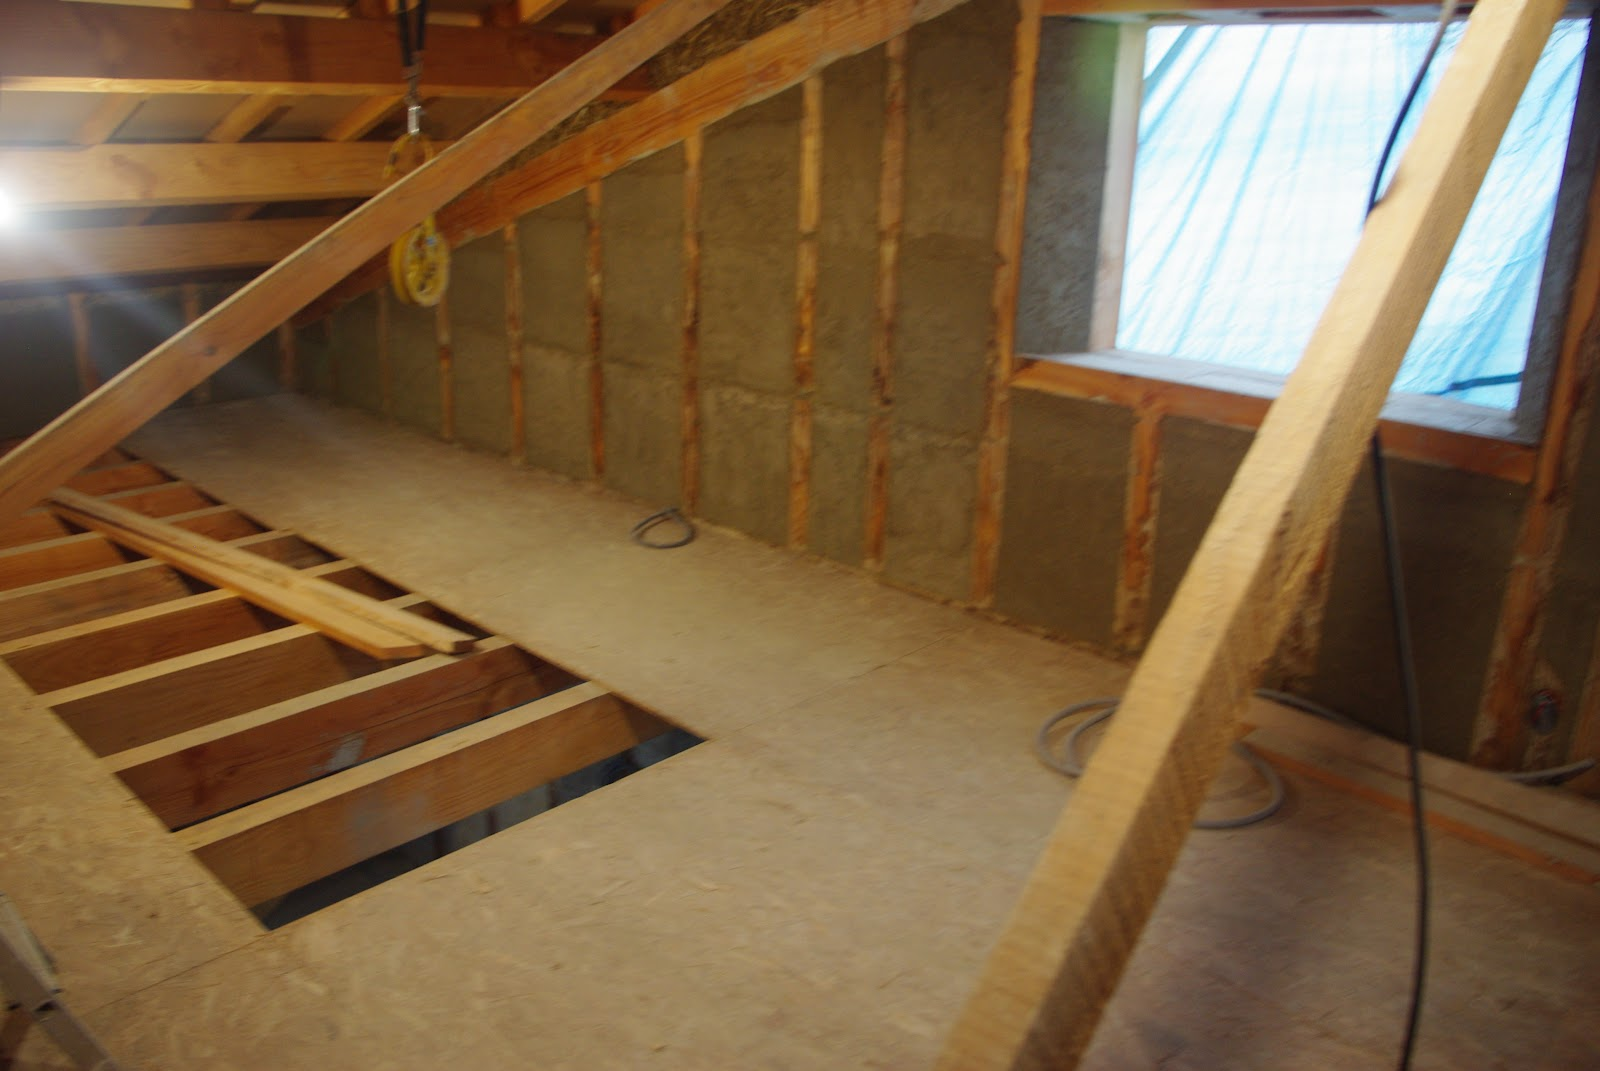 Notre maison ossature bois isolation paille  Mortier Suite et fin # Ossature Bois Isolation